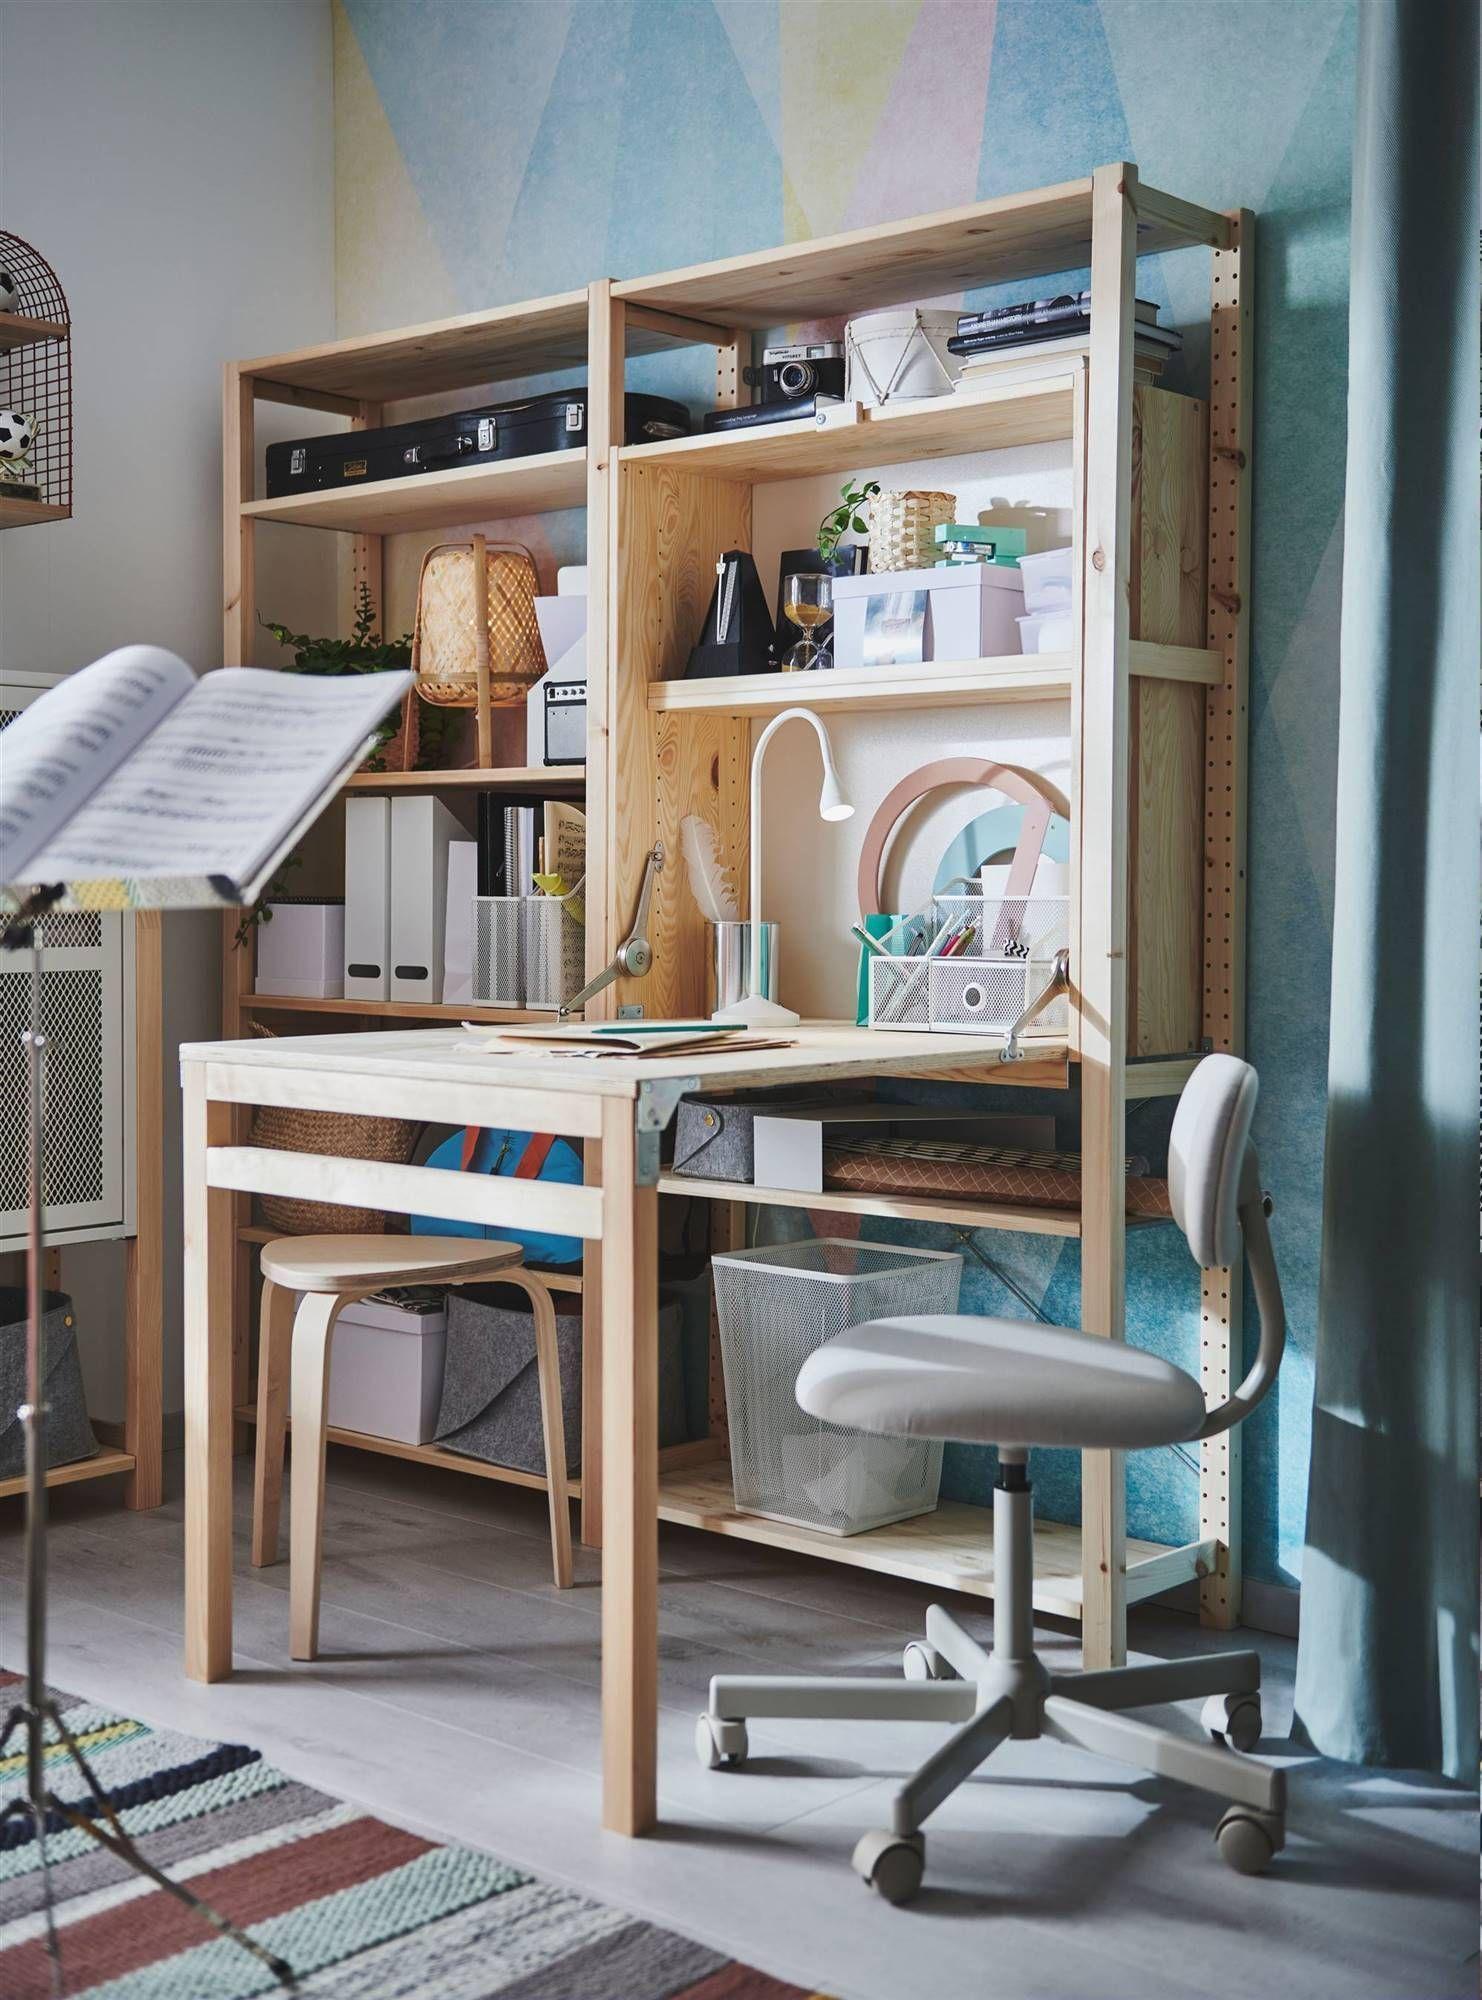 Bureau Ikea Des Modeles Qui S Adaptent A Tous Les Espaces En 2020 Ikea Inspiration Ikea Chambre Enfant